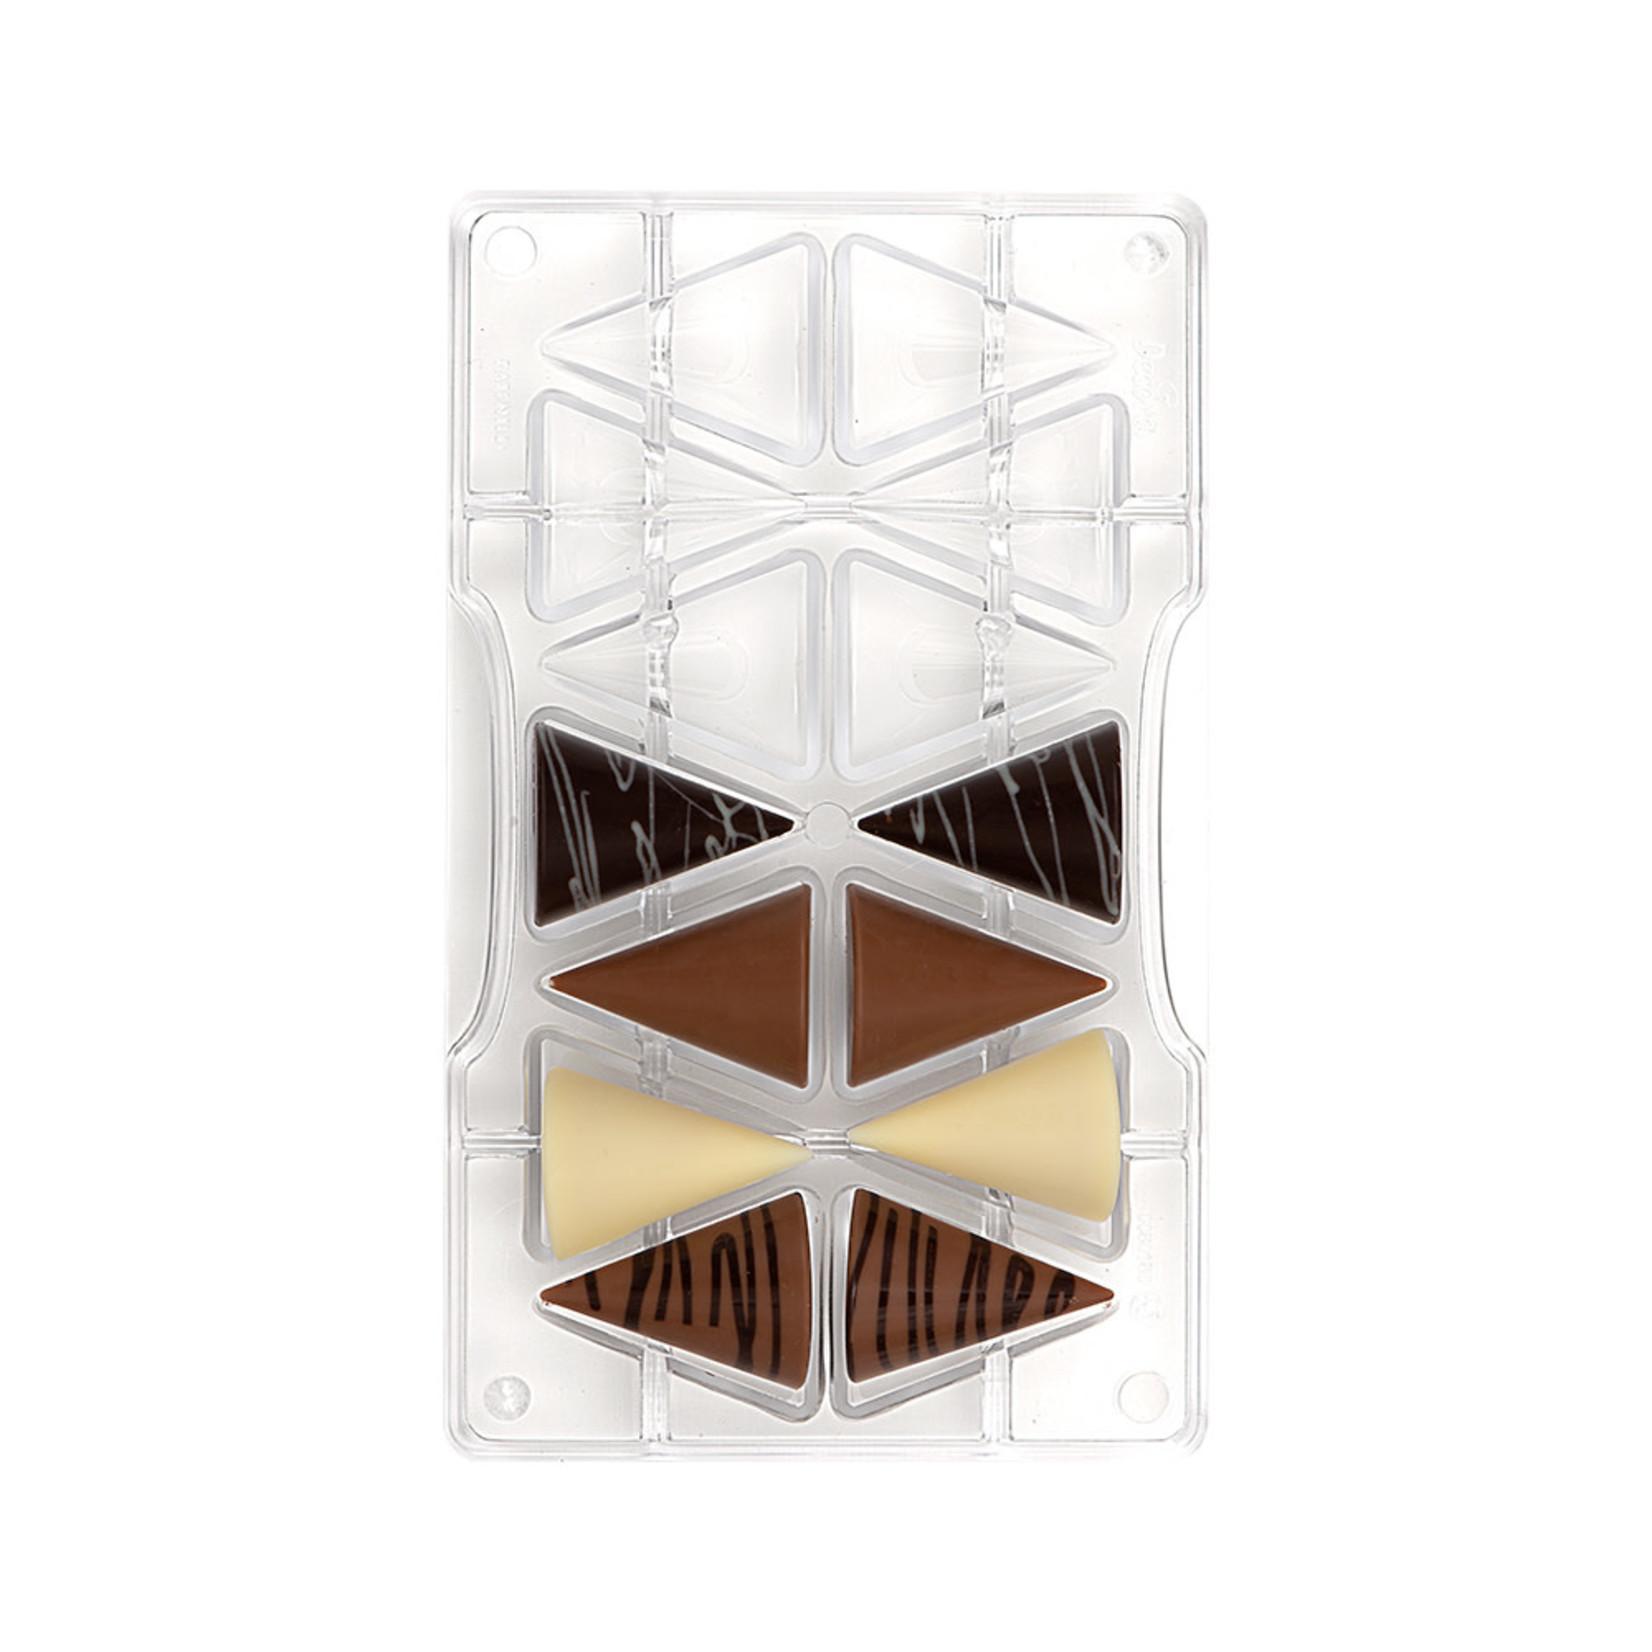 Decora Chocoladevorm polycarbonaat conus